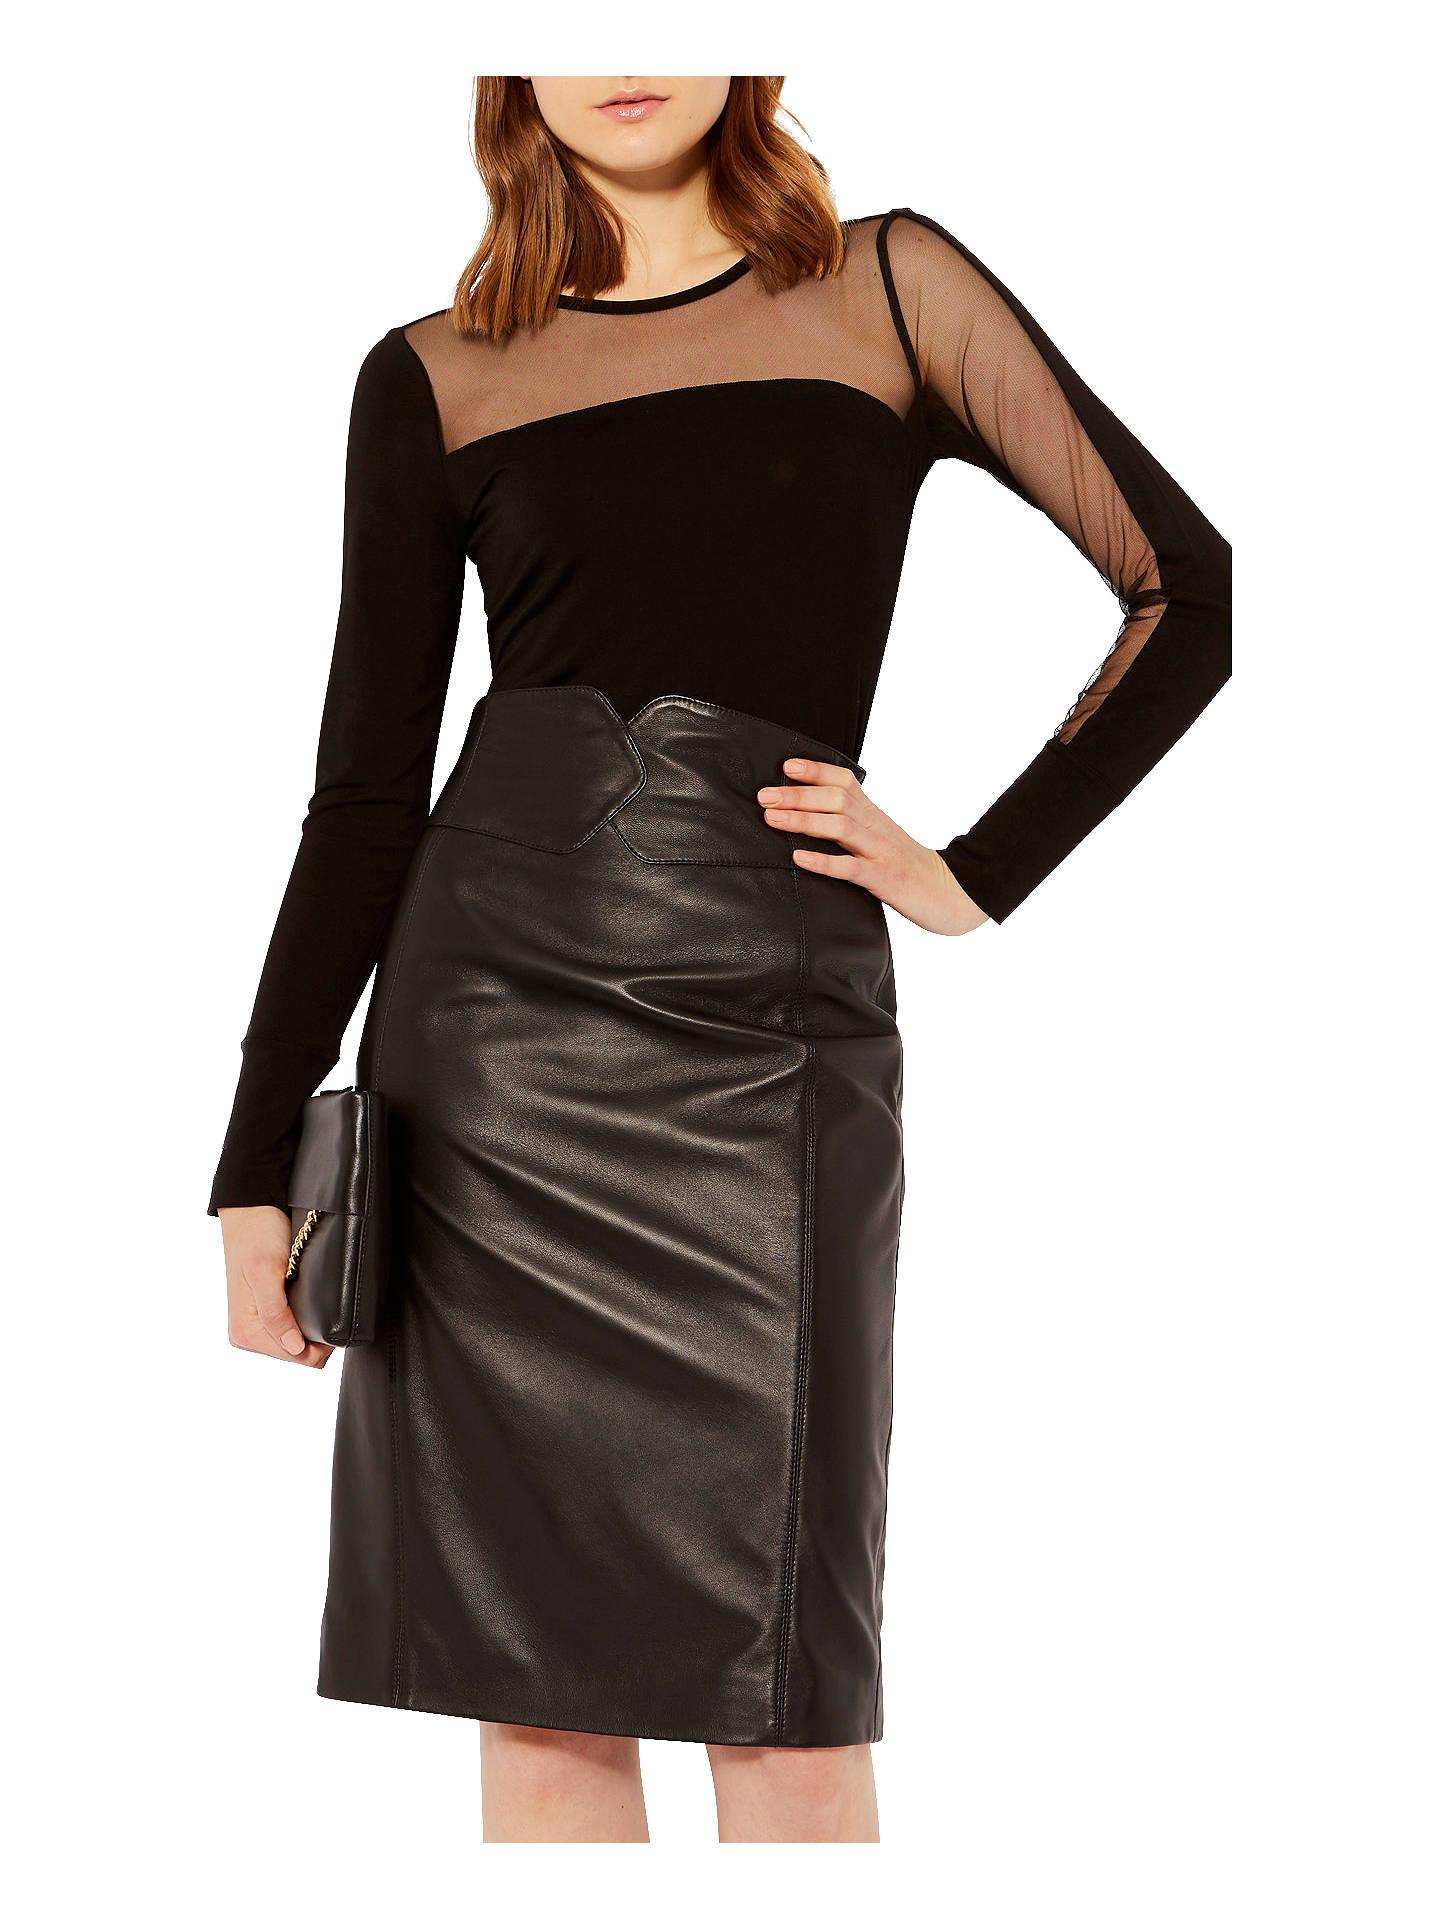 993086ec Buy Karen Millen Asymmetric Mesh Top, Black, 6 Online at johnlewis.com ...